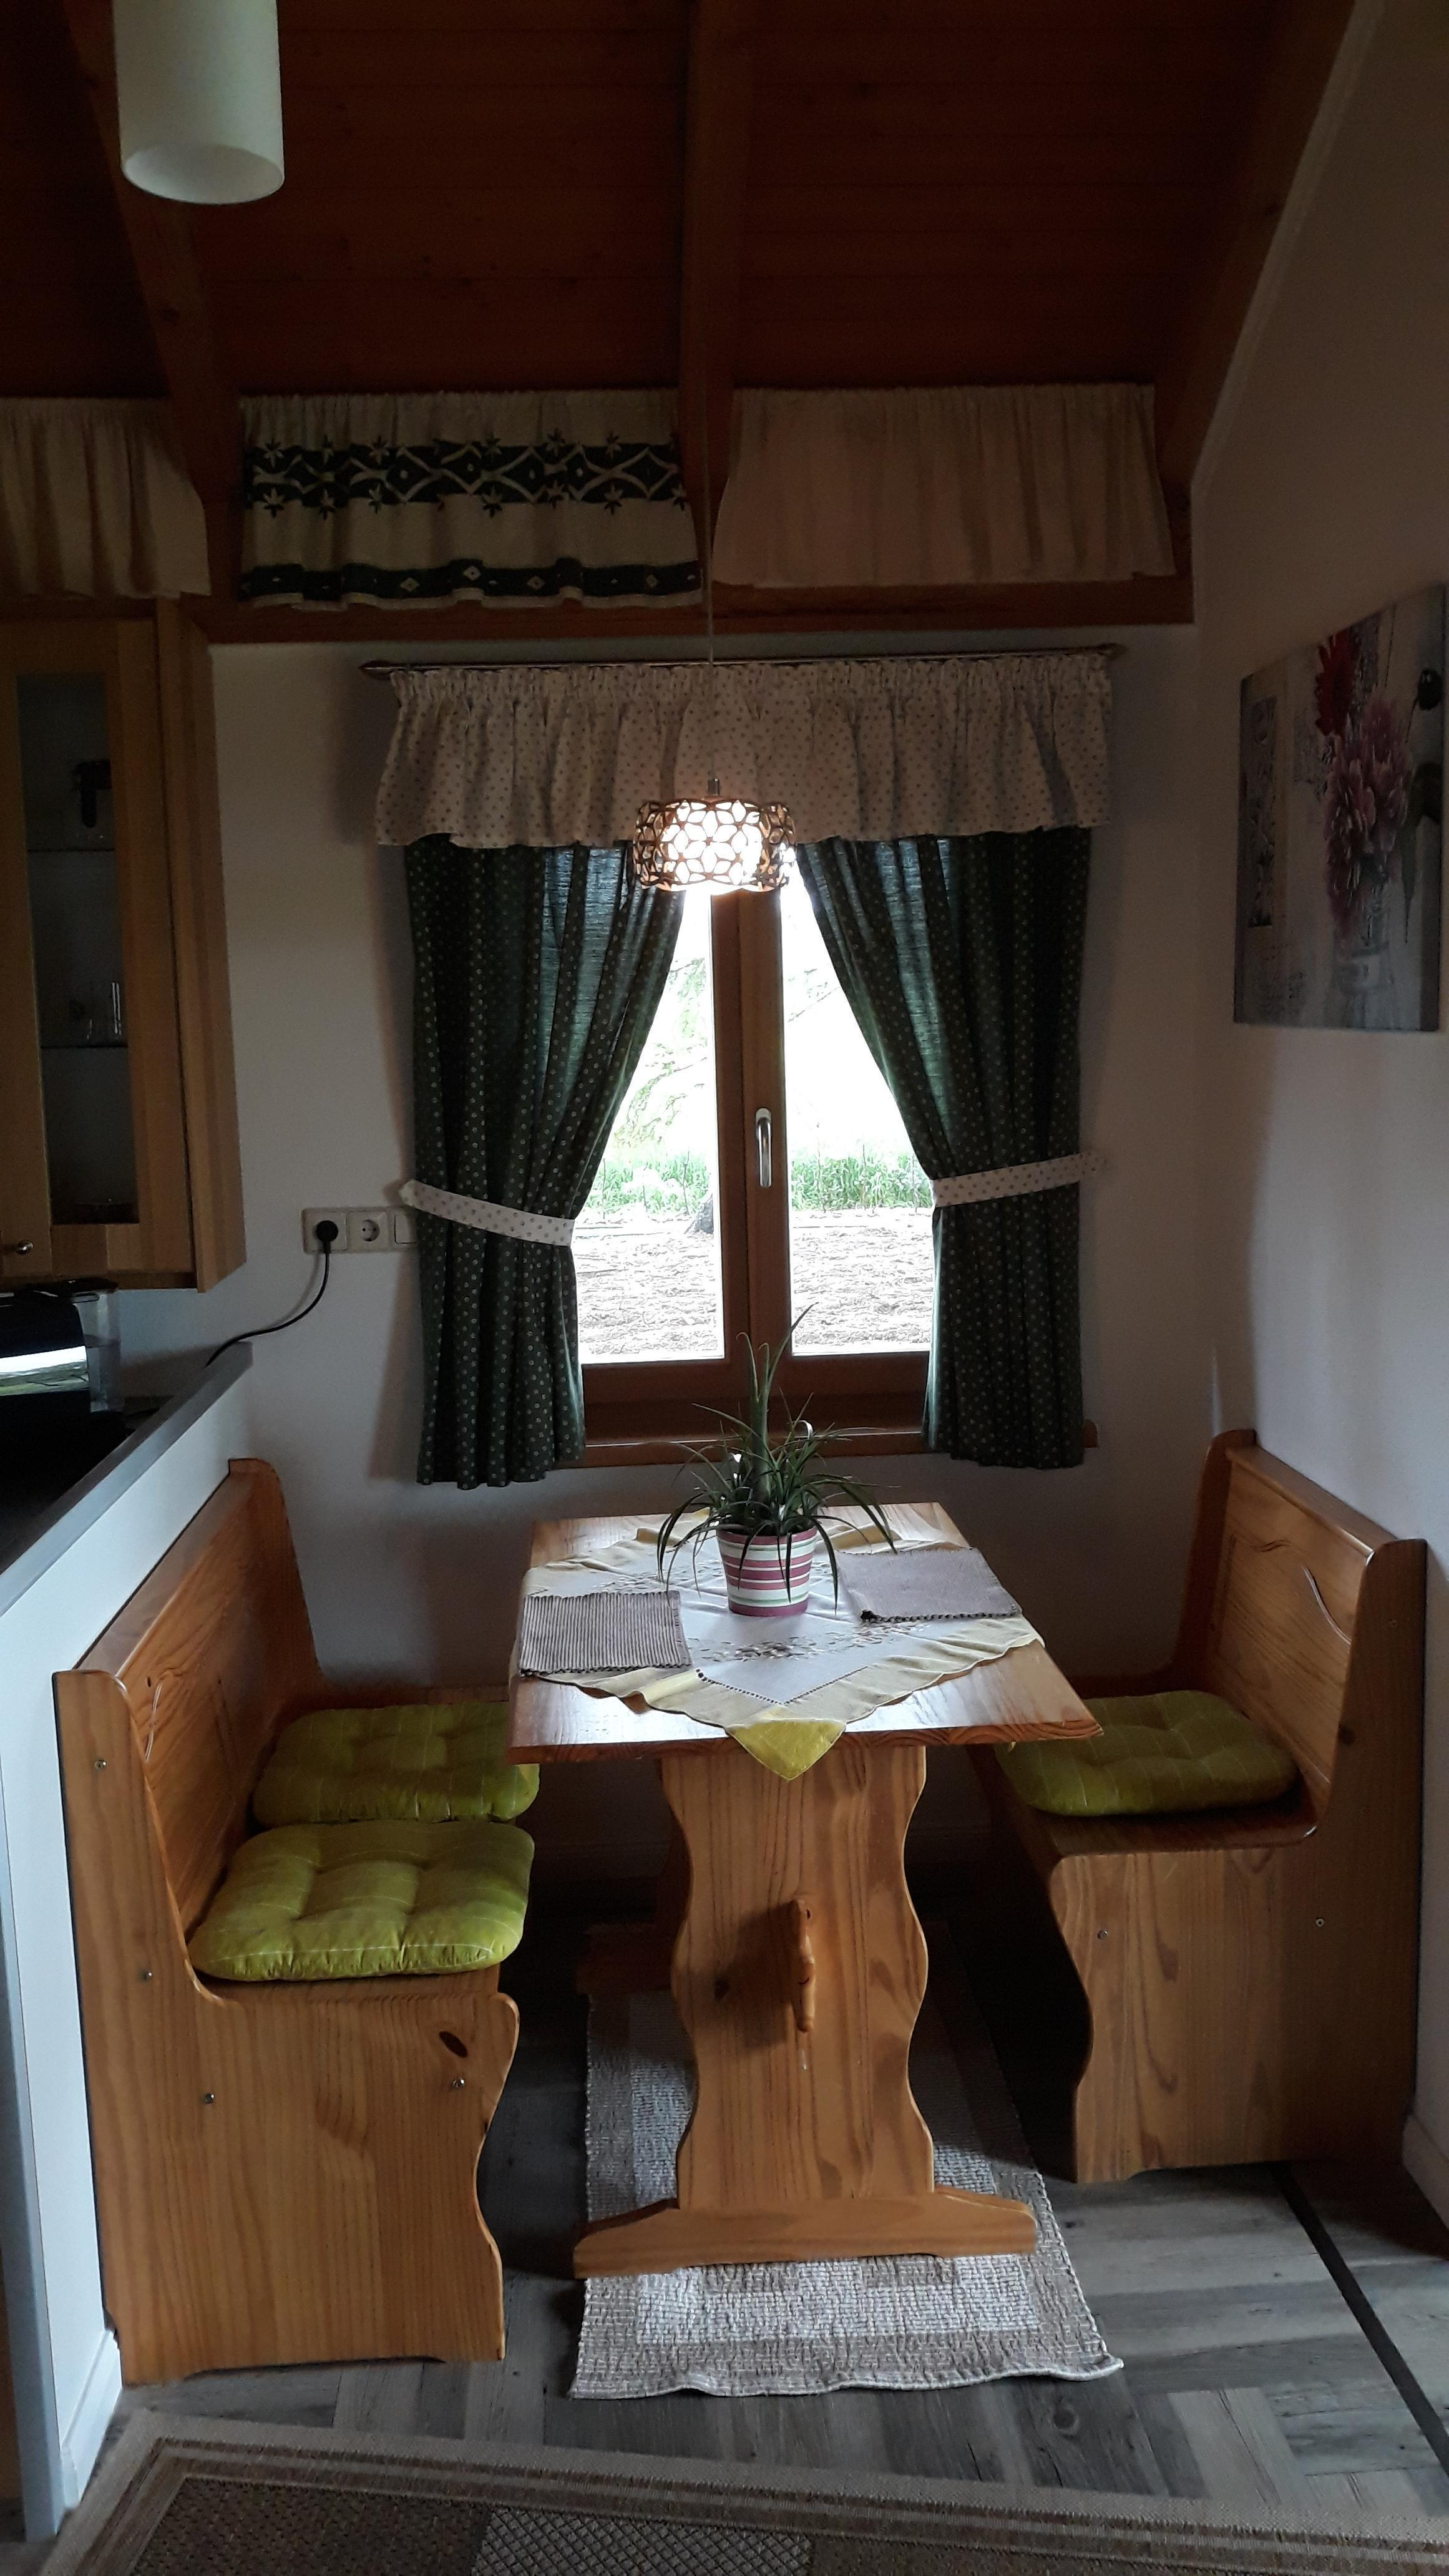 Ferienhaus Ausgezeichnetes Ferienhaus im Zentrum der Insel (115424), Sehlen, Rügen, Mecklenburg-Vorpommern, Deutschland, Bild 8